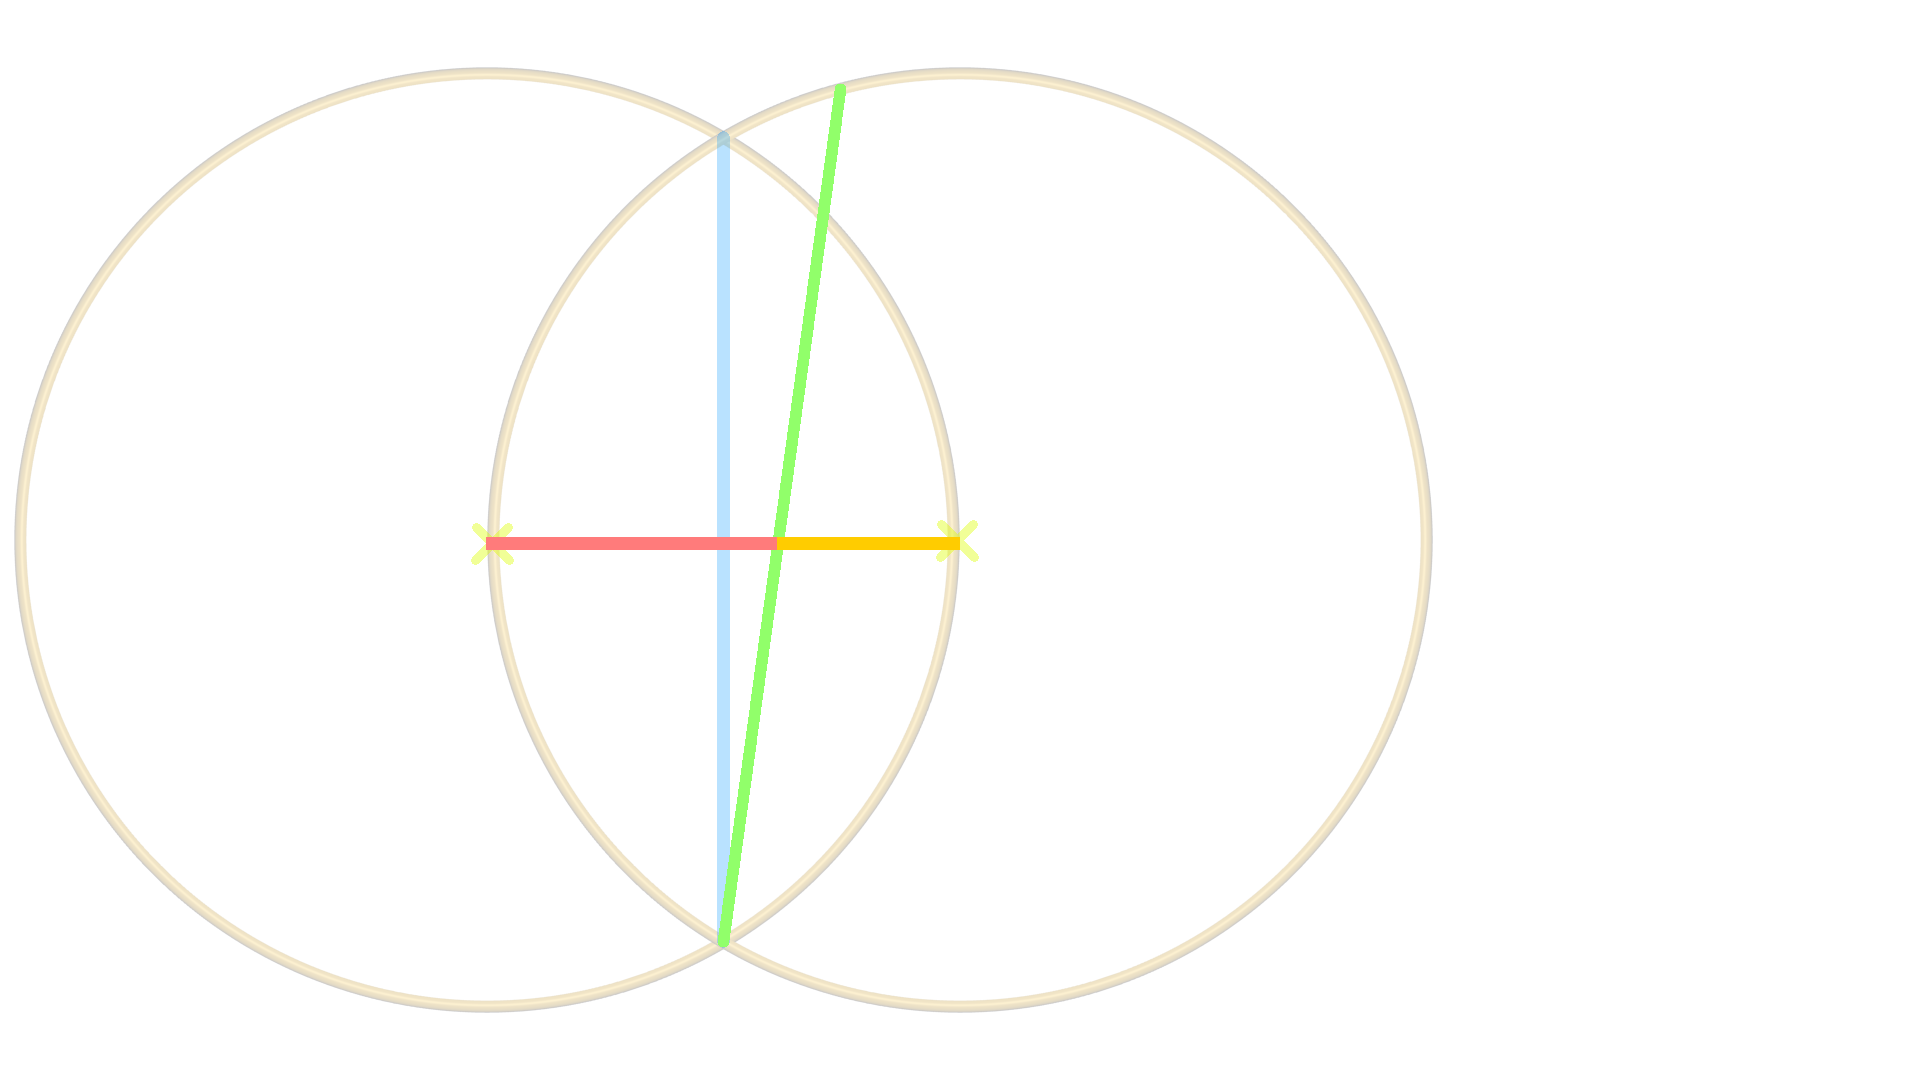 Bild zeigt 3 Kreise, 3 Linien, welche eine im goldenem Schnitt gekennzeichnet ist